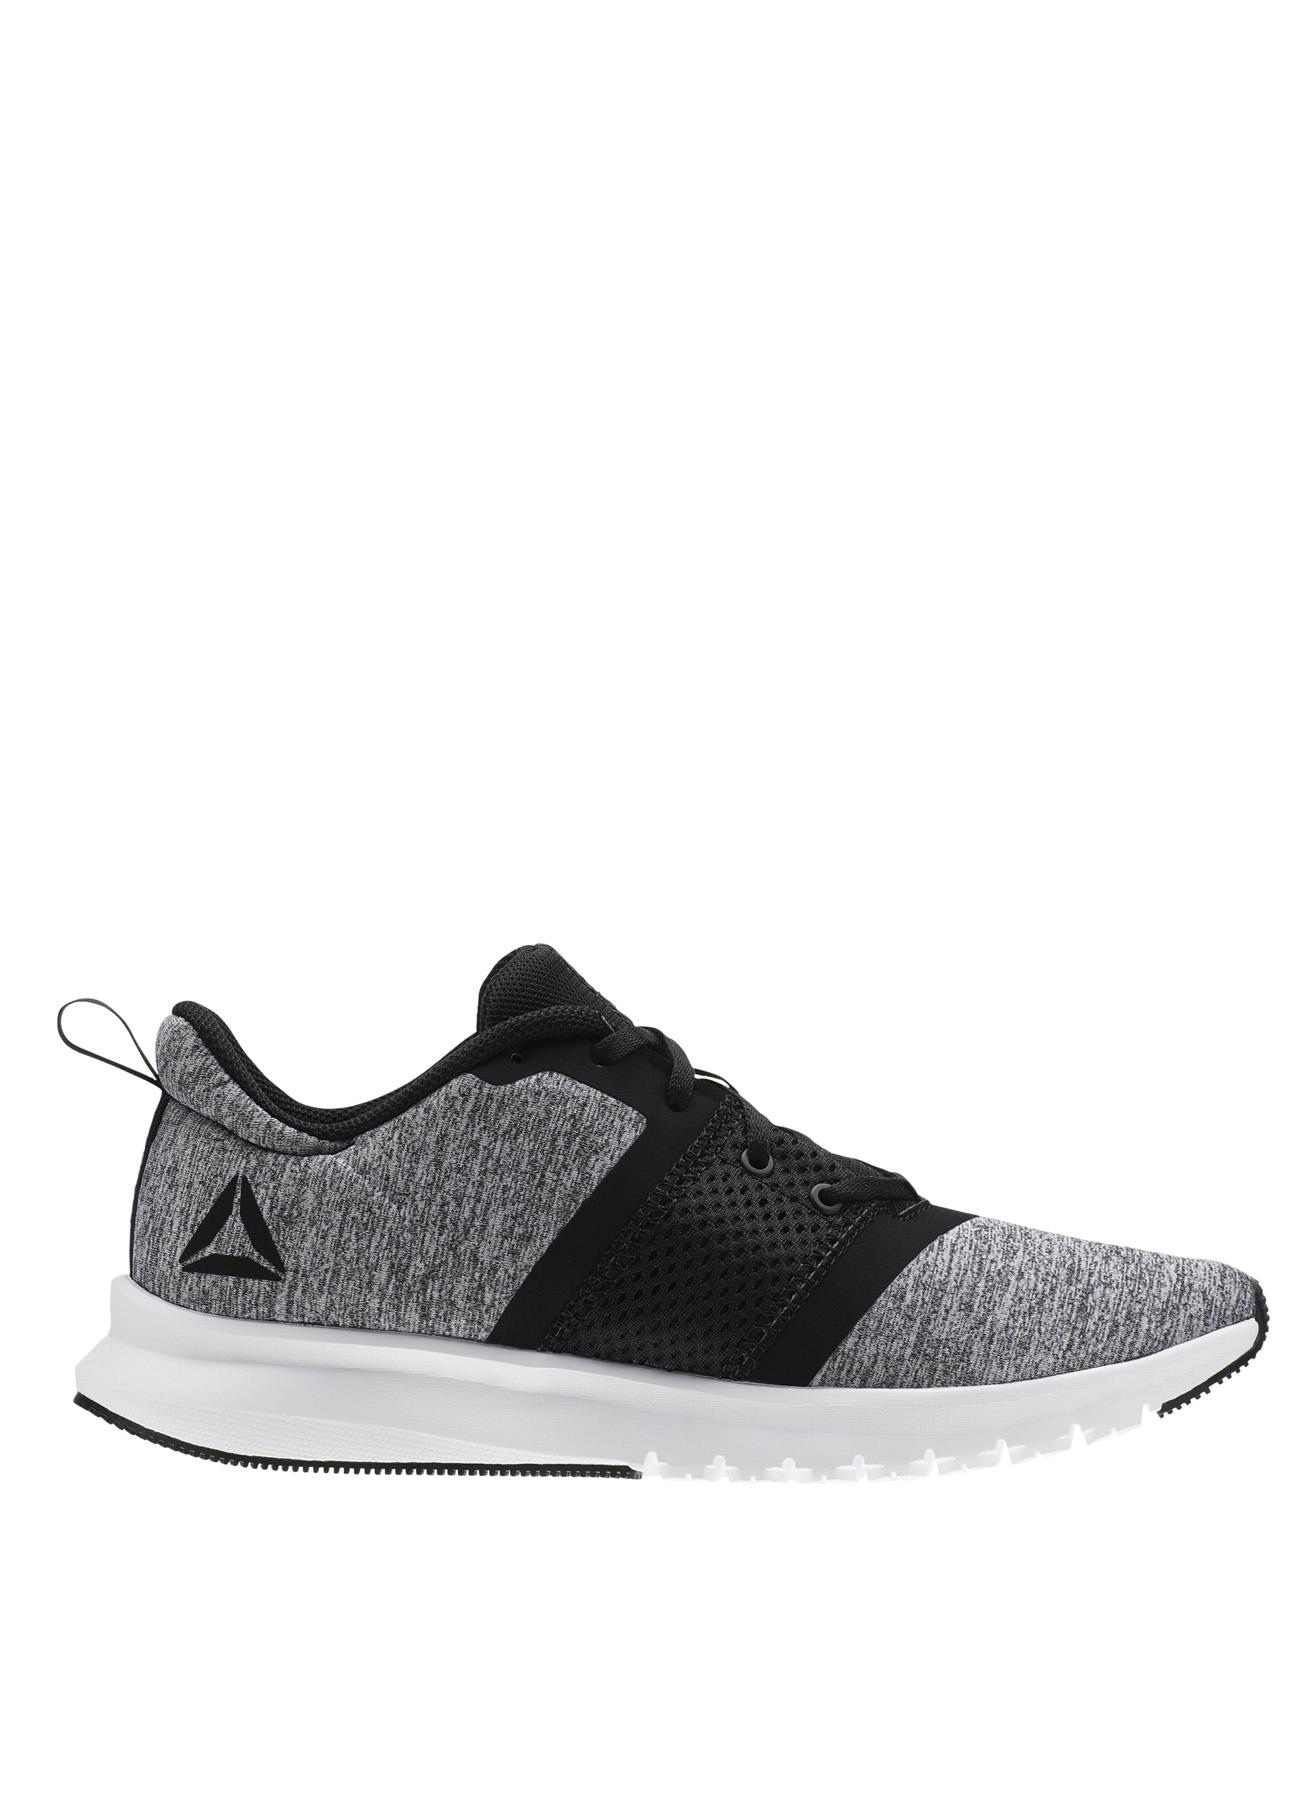 Reebok Print Lite Rush Koşu Ayakkabısı 40 5001633186001 Ürün Resmi